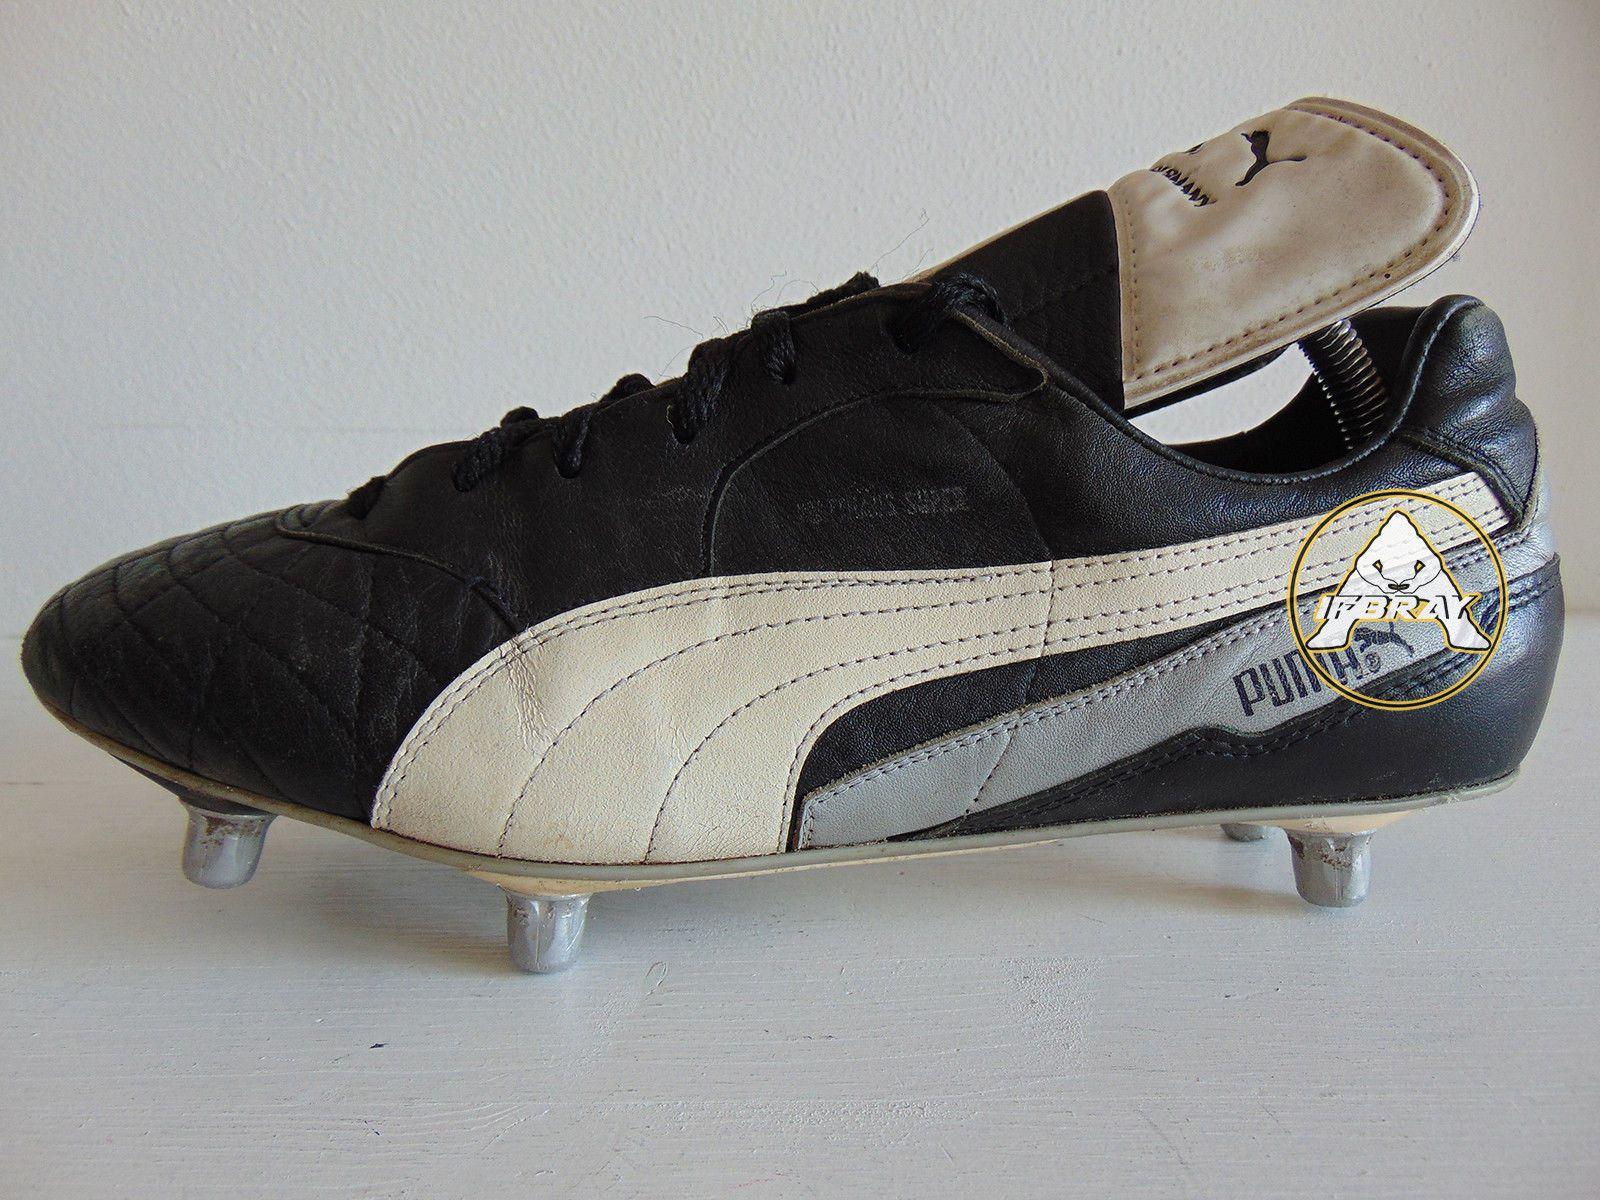 6ce3213da Vintage 80 90 Puma MATTHAUS Super 44 Soccer Shoes 10 Boots 6 Studs West  Germany